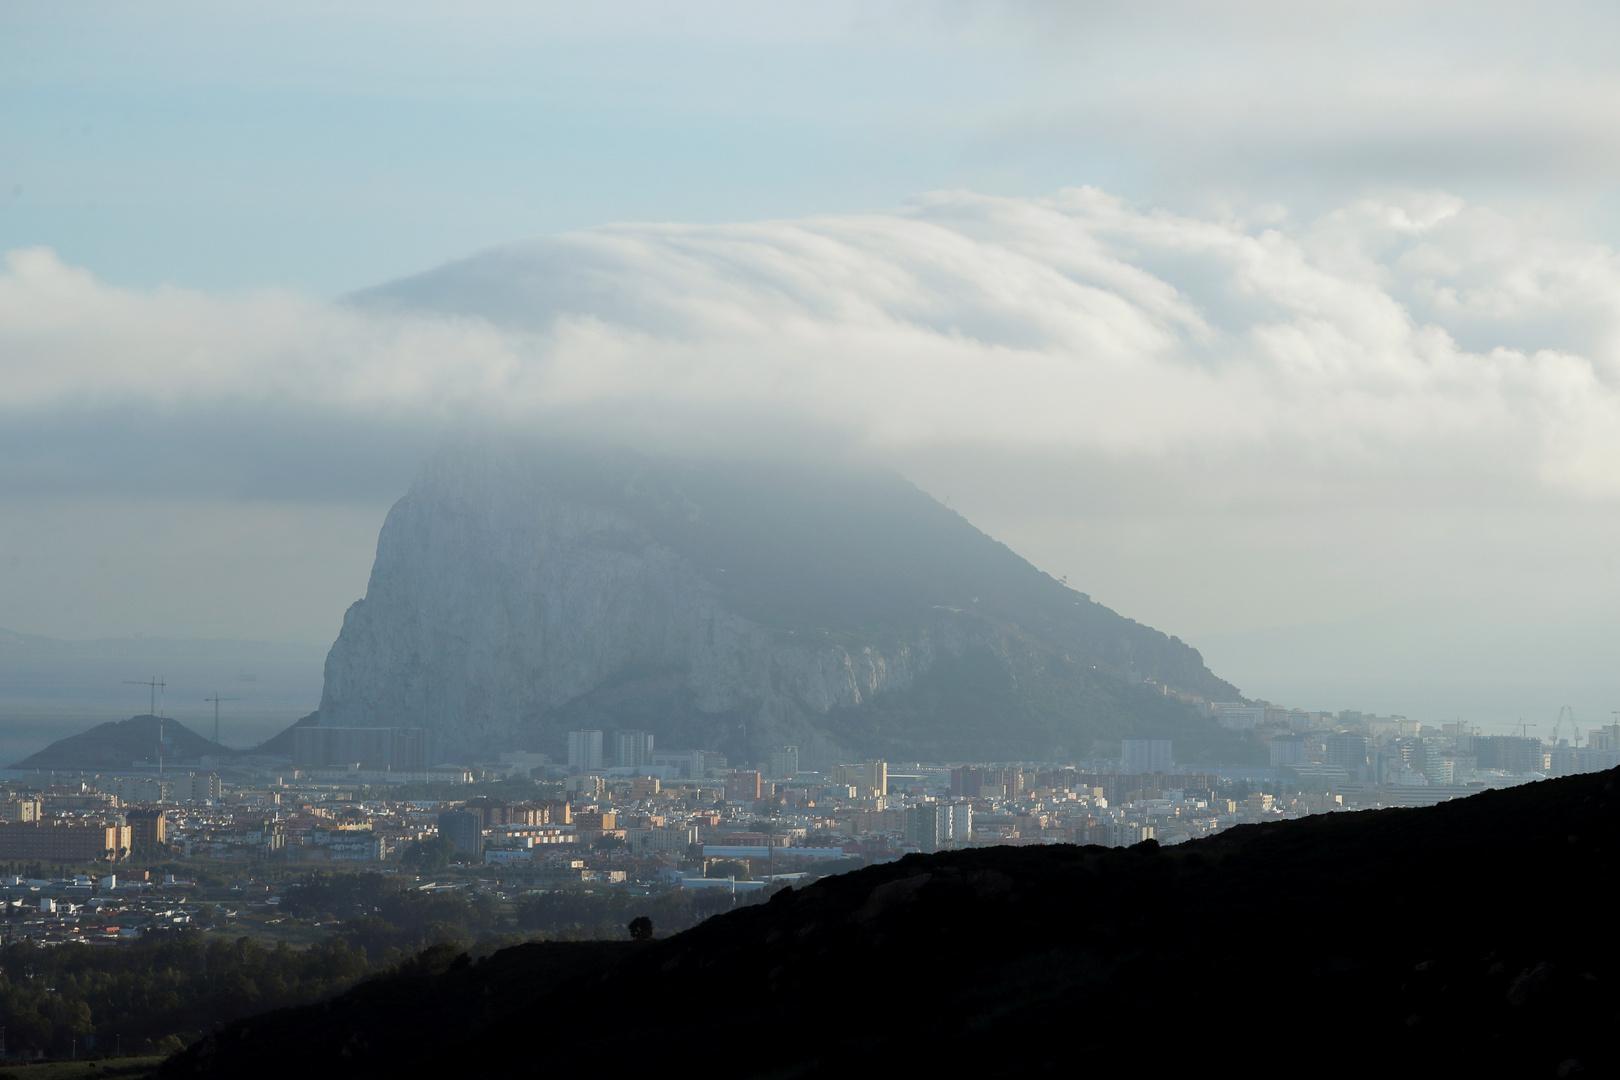 بريطانيا وإسبانيا تتوصلان لاتفاق مبدئي بشأن وضع جبل طارق بعد